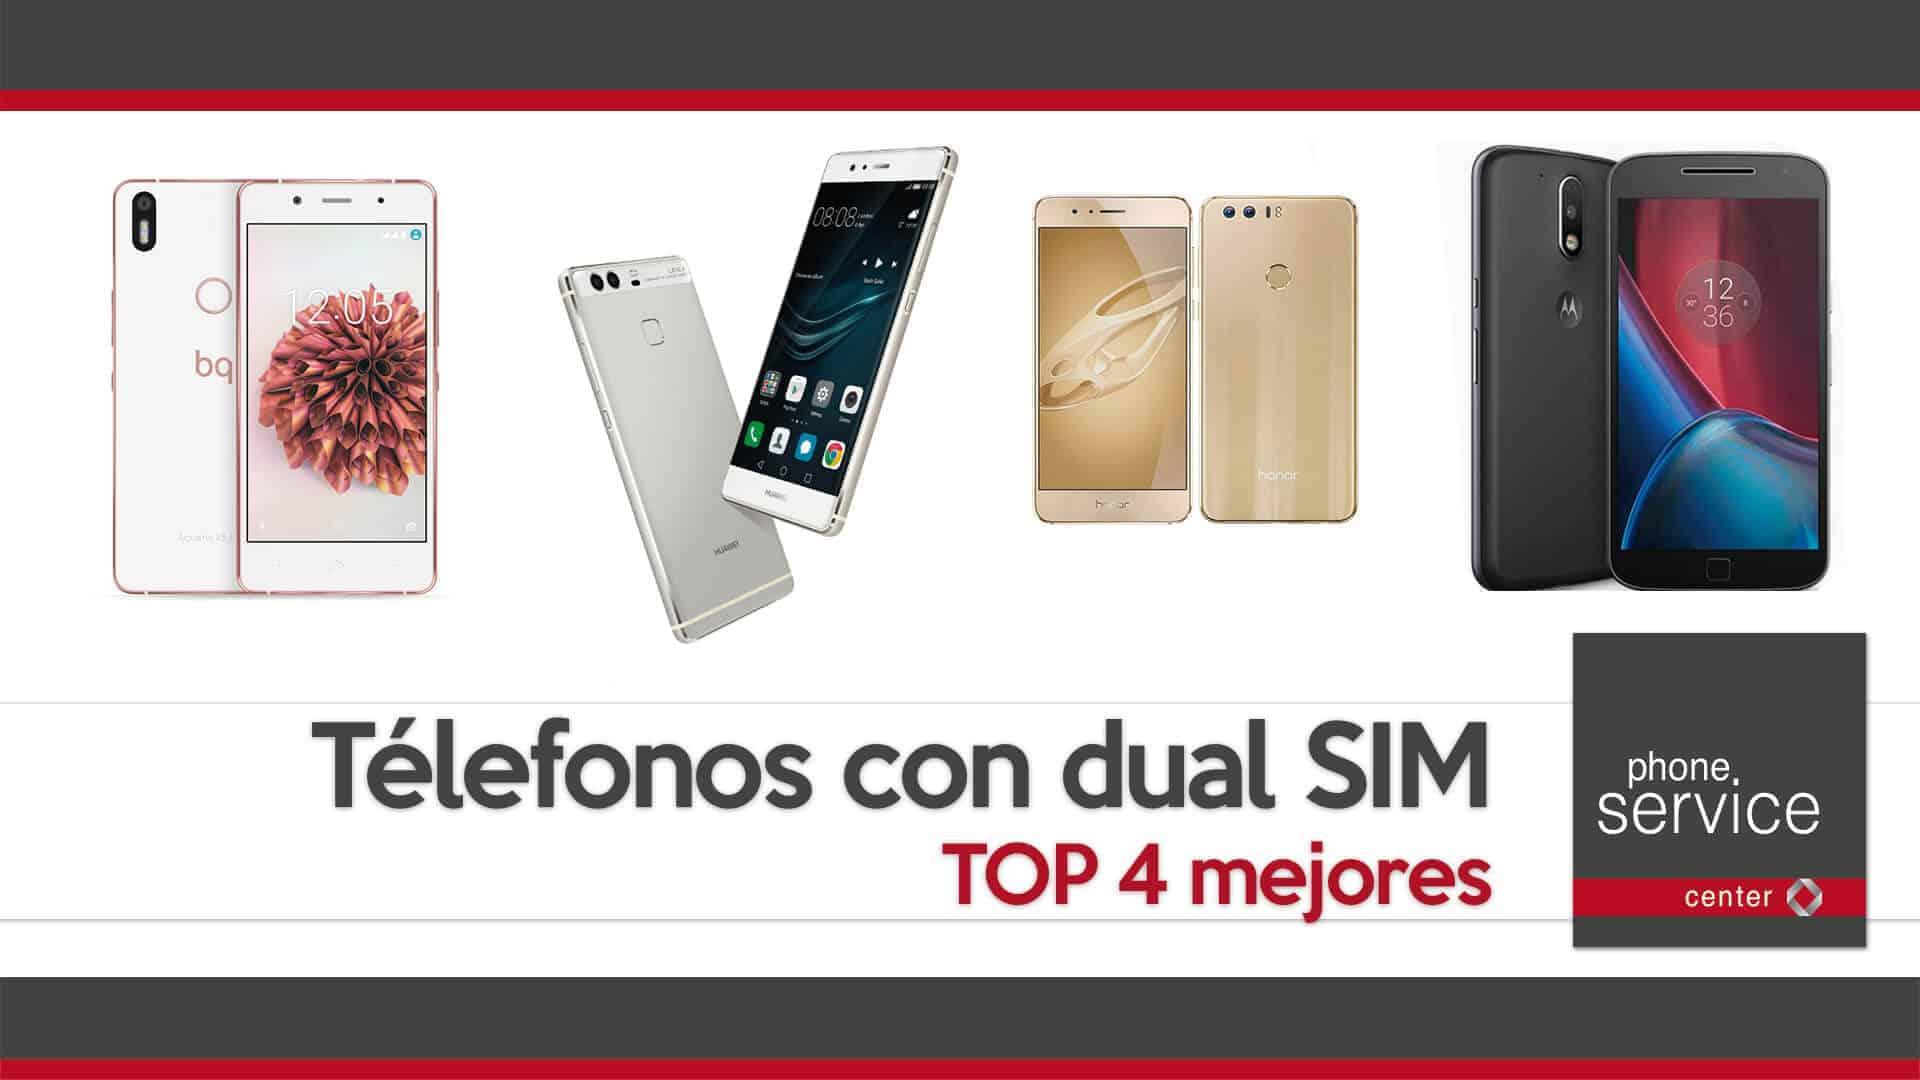 Los mejores telefonos con dual SIM